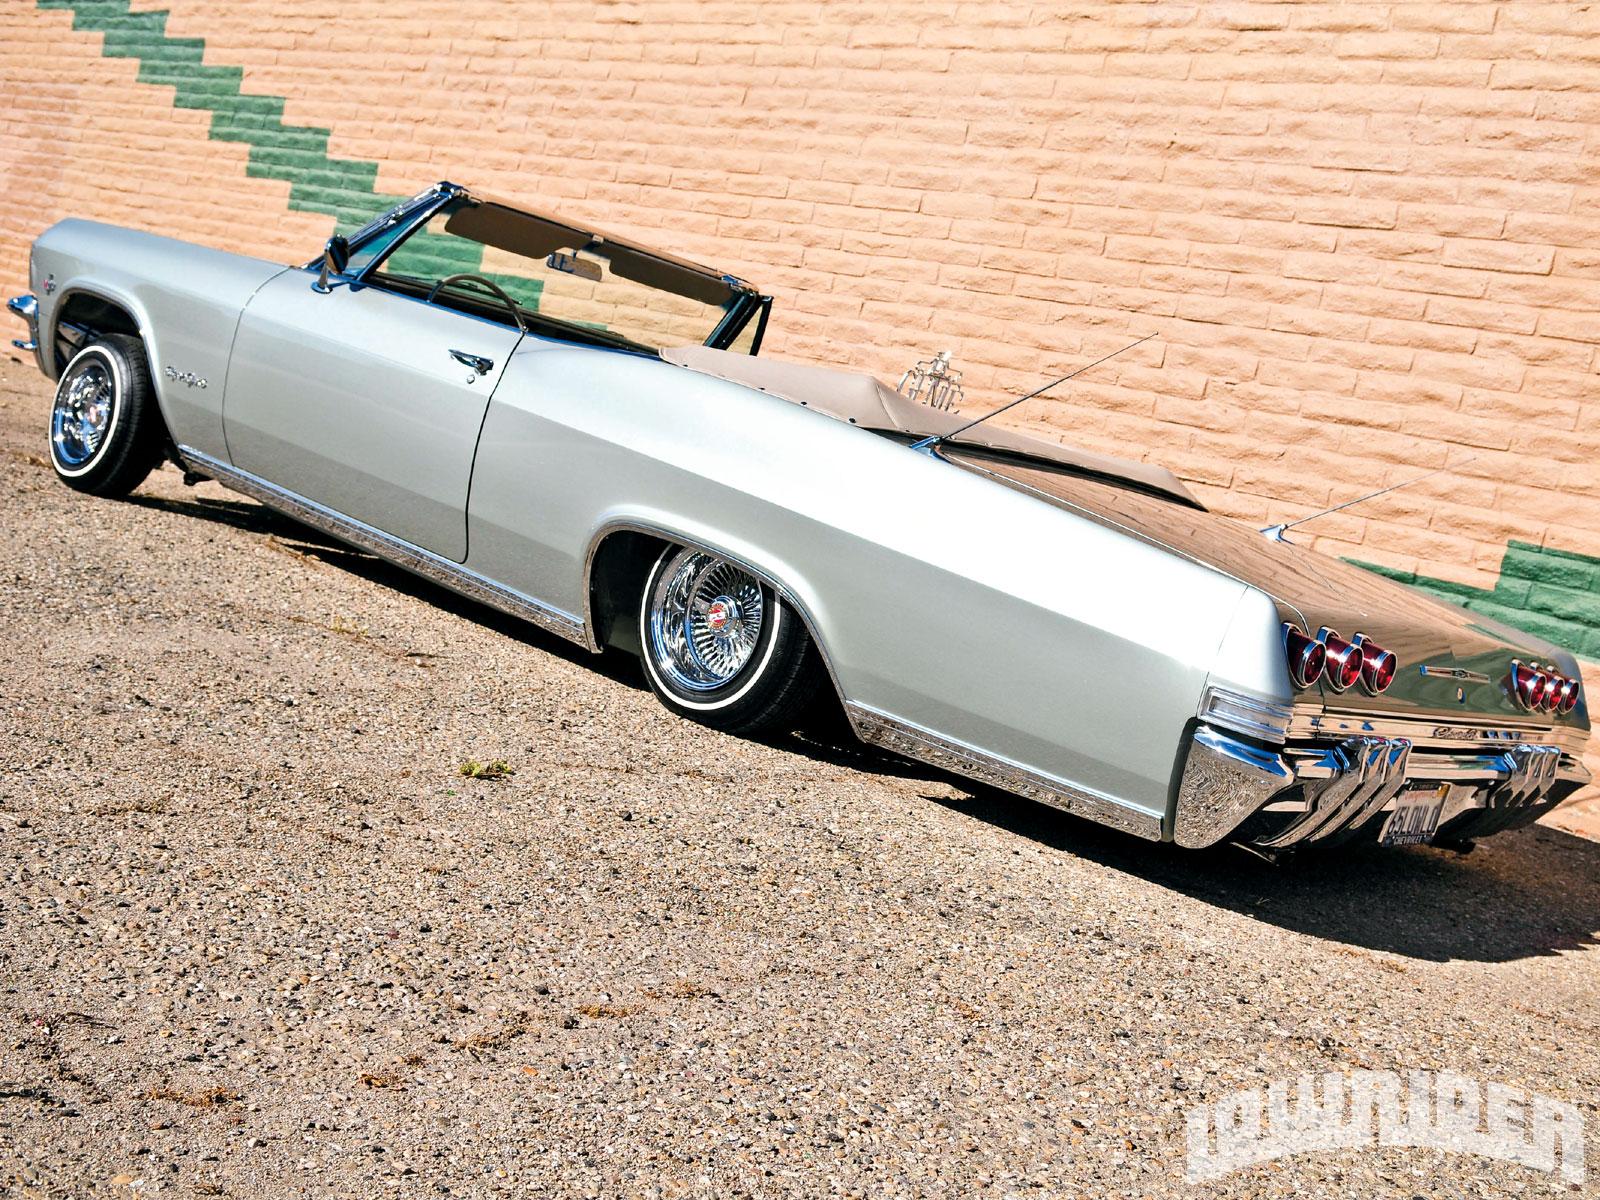 Impala Ss 2018 >> 1965 Chevrolet Impala SS - Lowrider Magazine